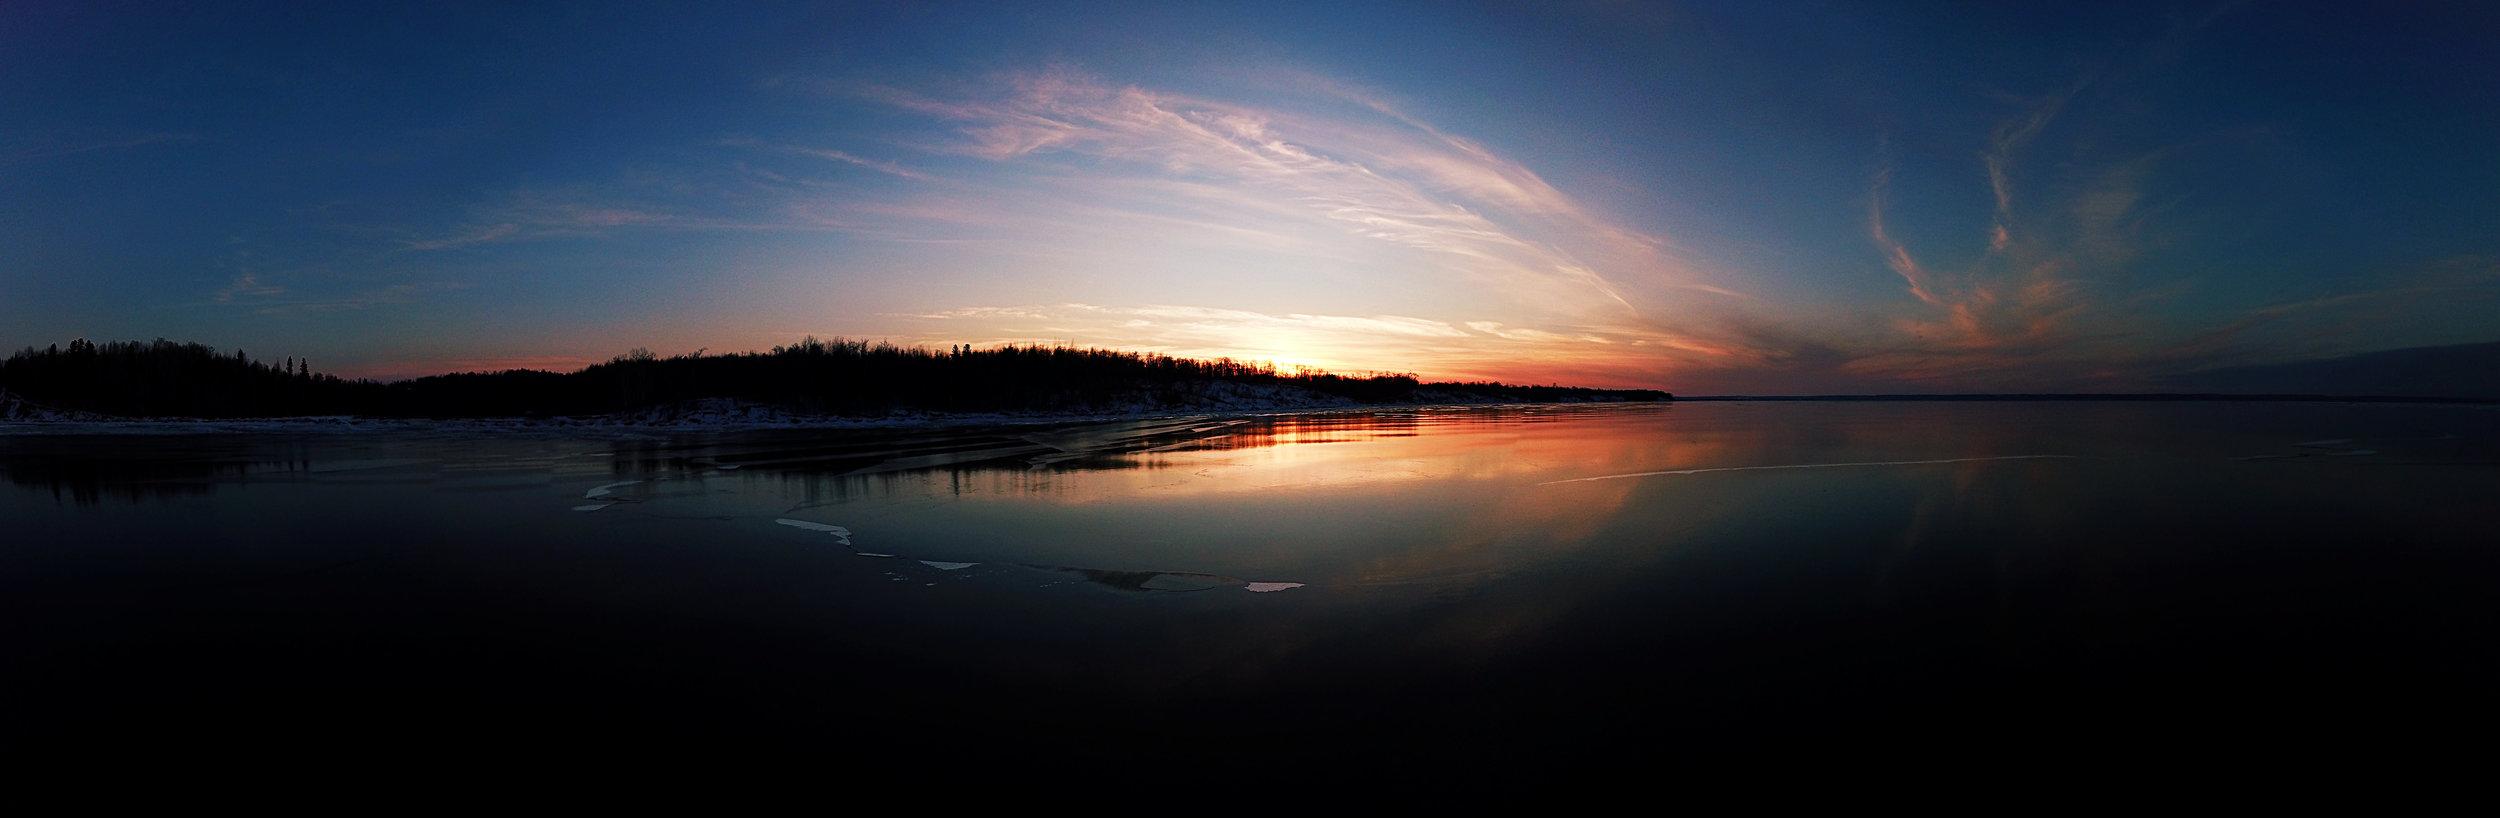 Lake Superior January 2018-1.jpg